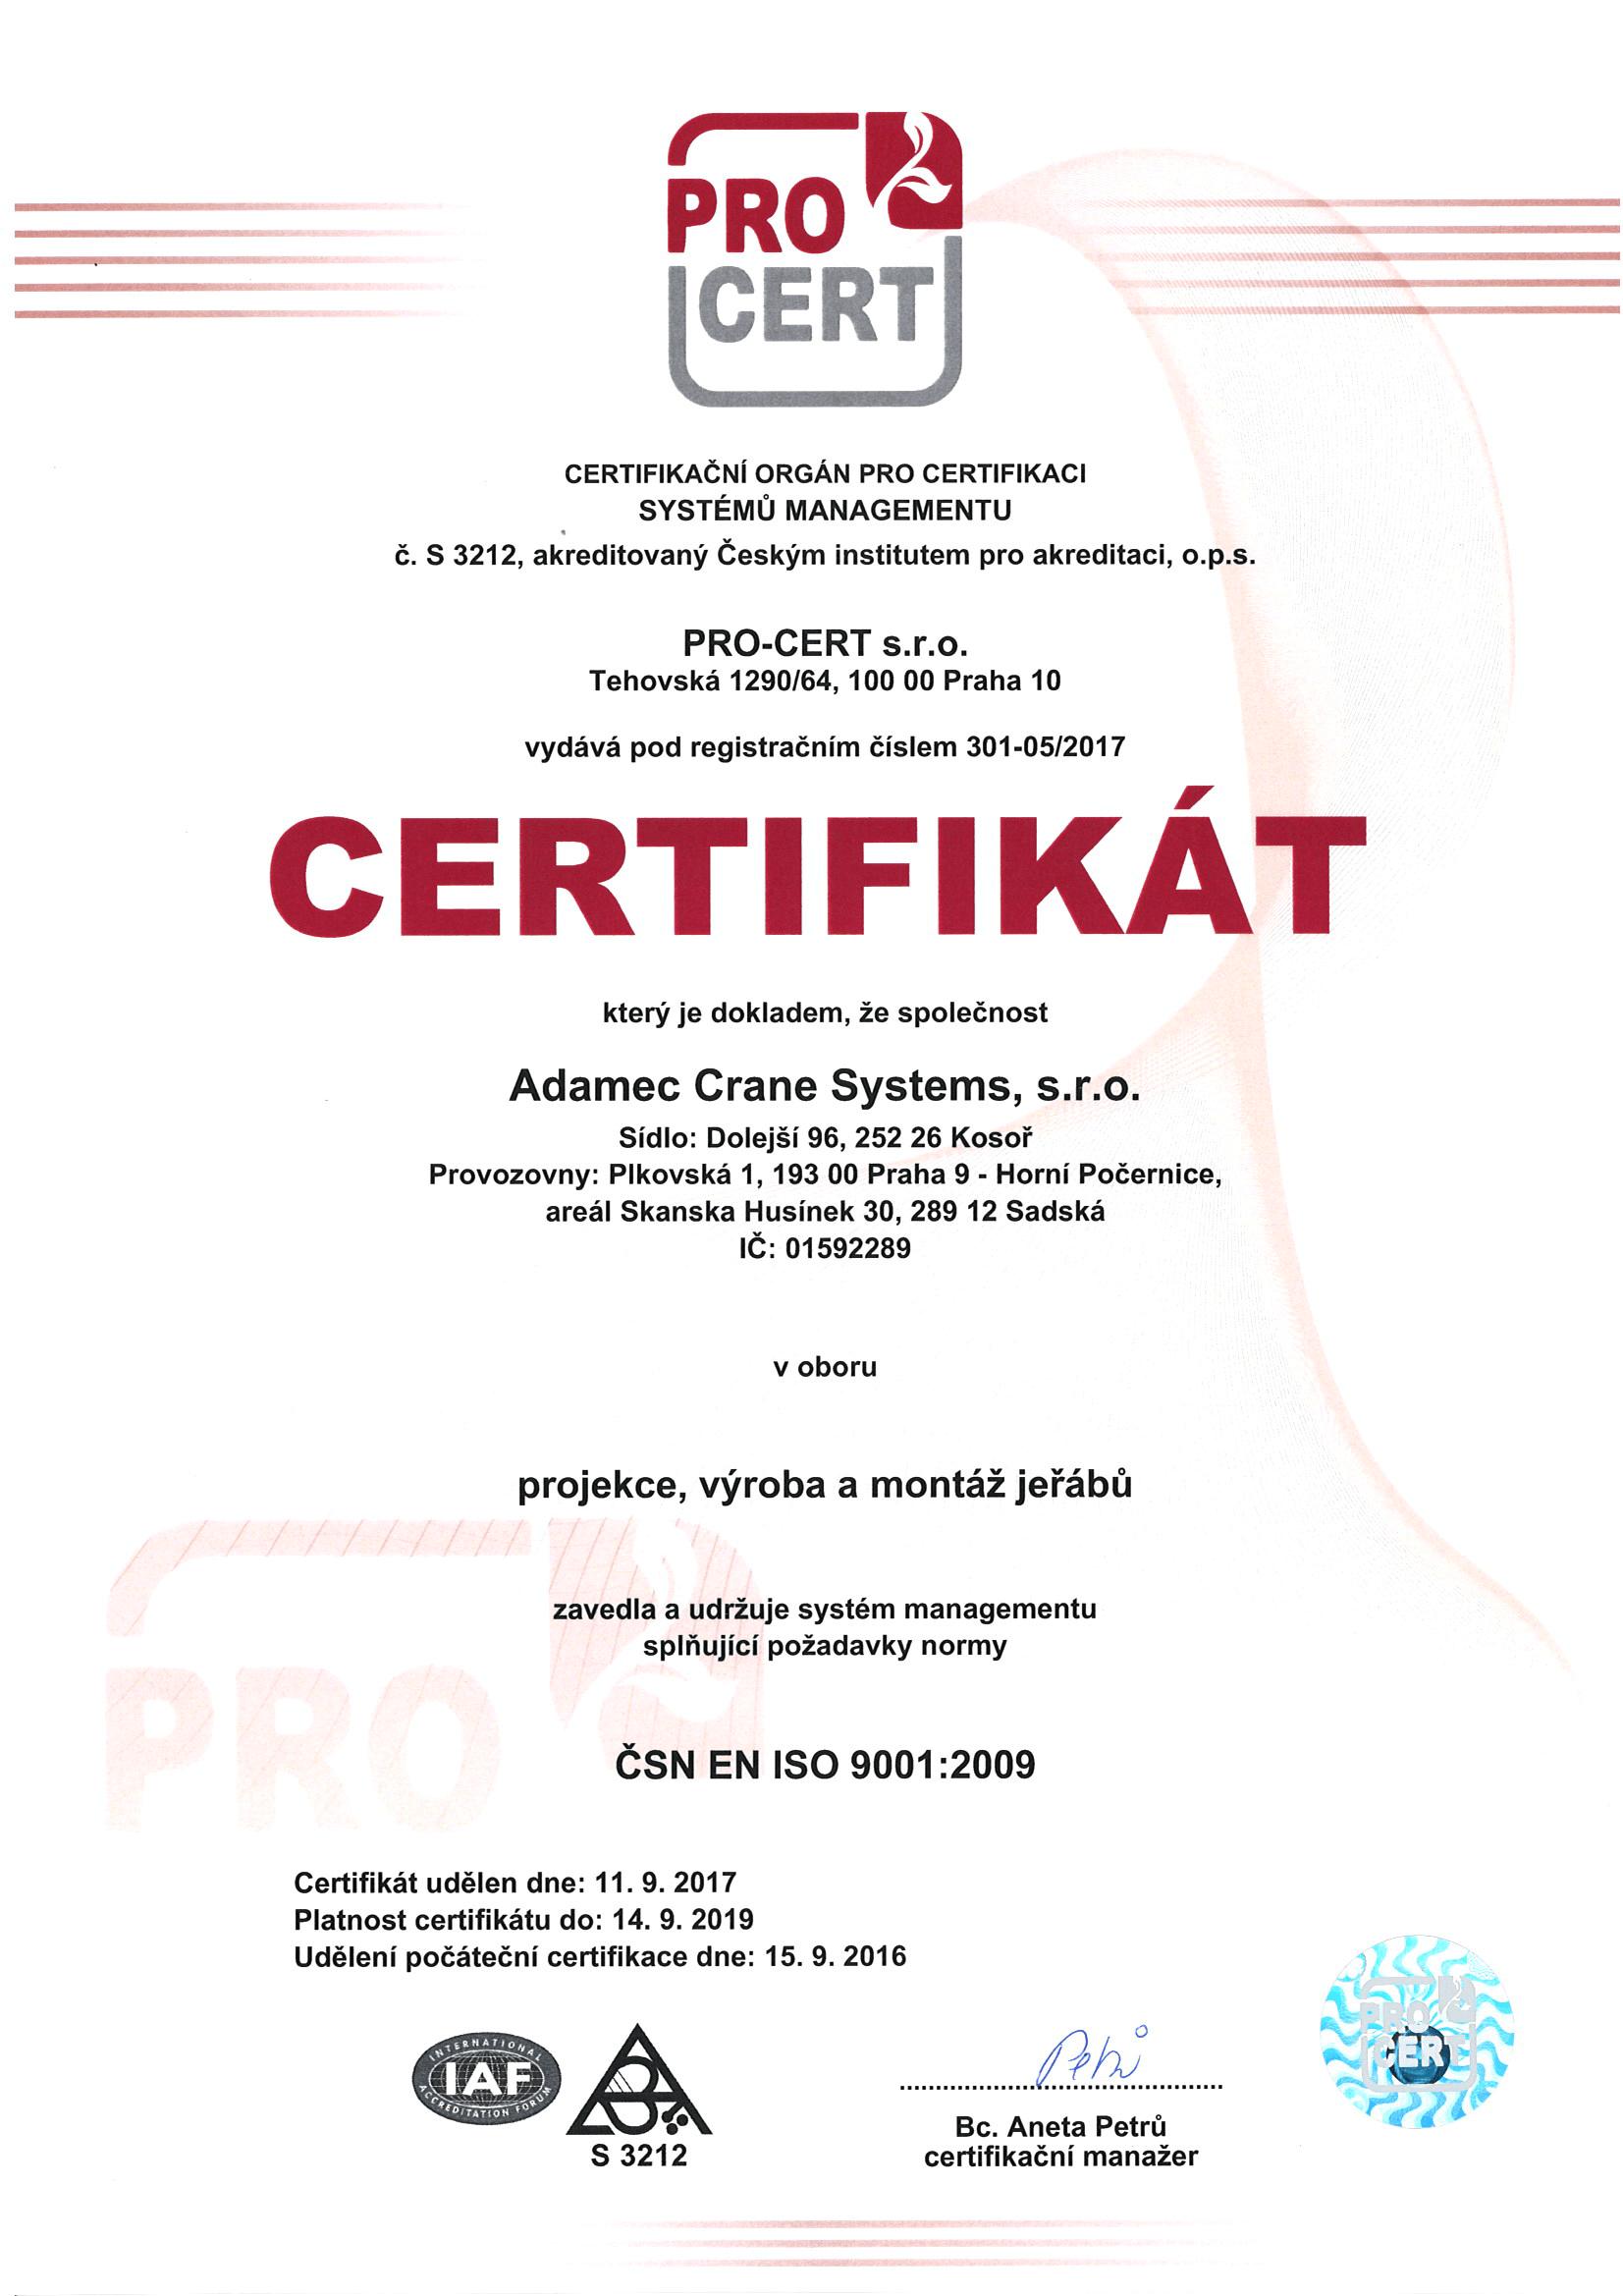 PRO-CERT ISO 9001:2009